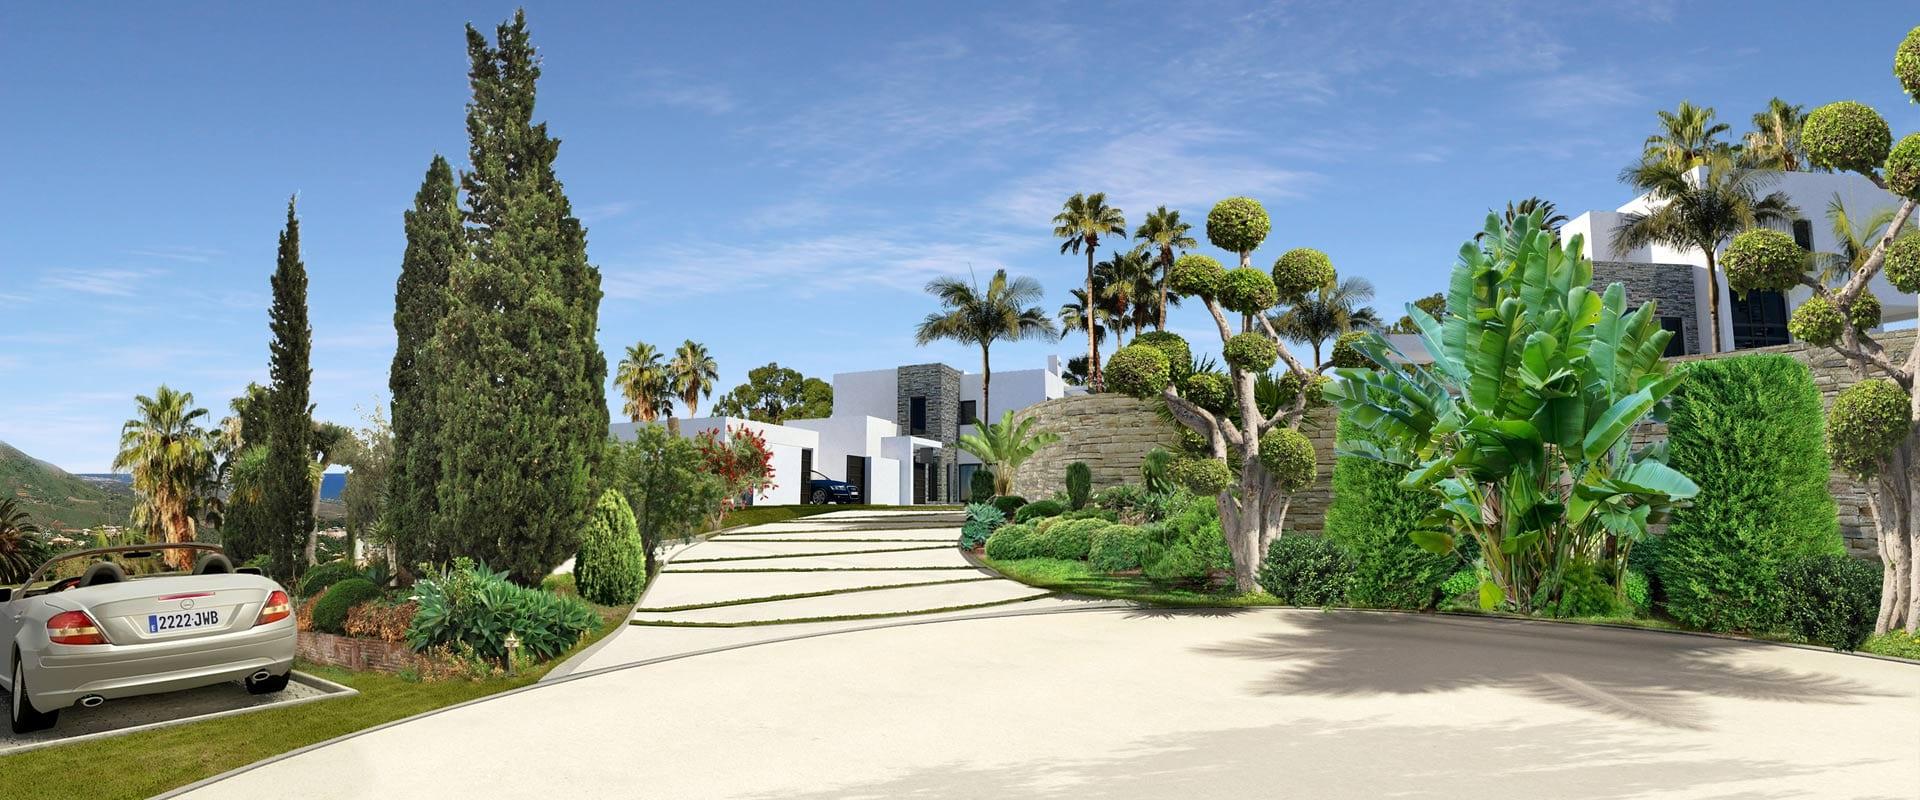 Gouden mijl marbella moderne villa 39 s met uitzicht op zee - Domotica marbella ...